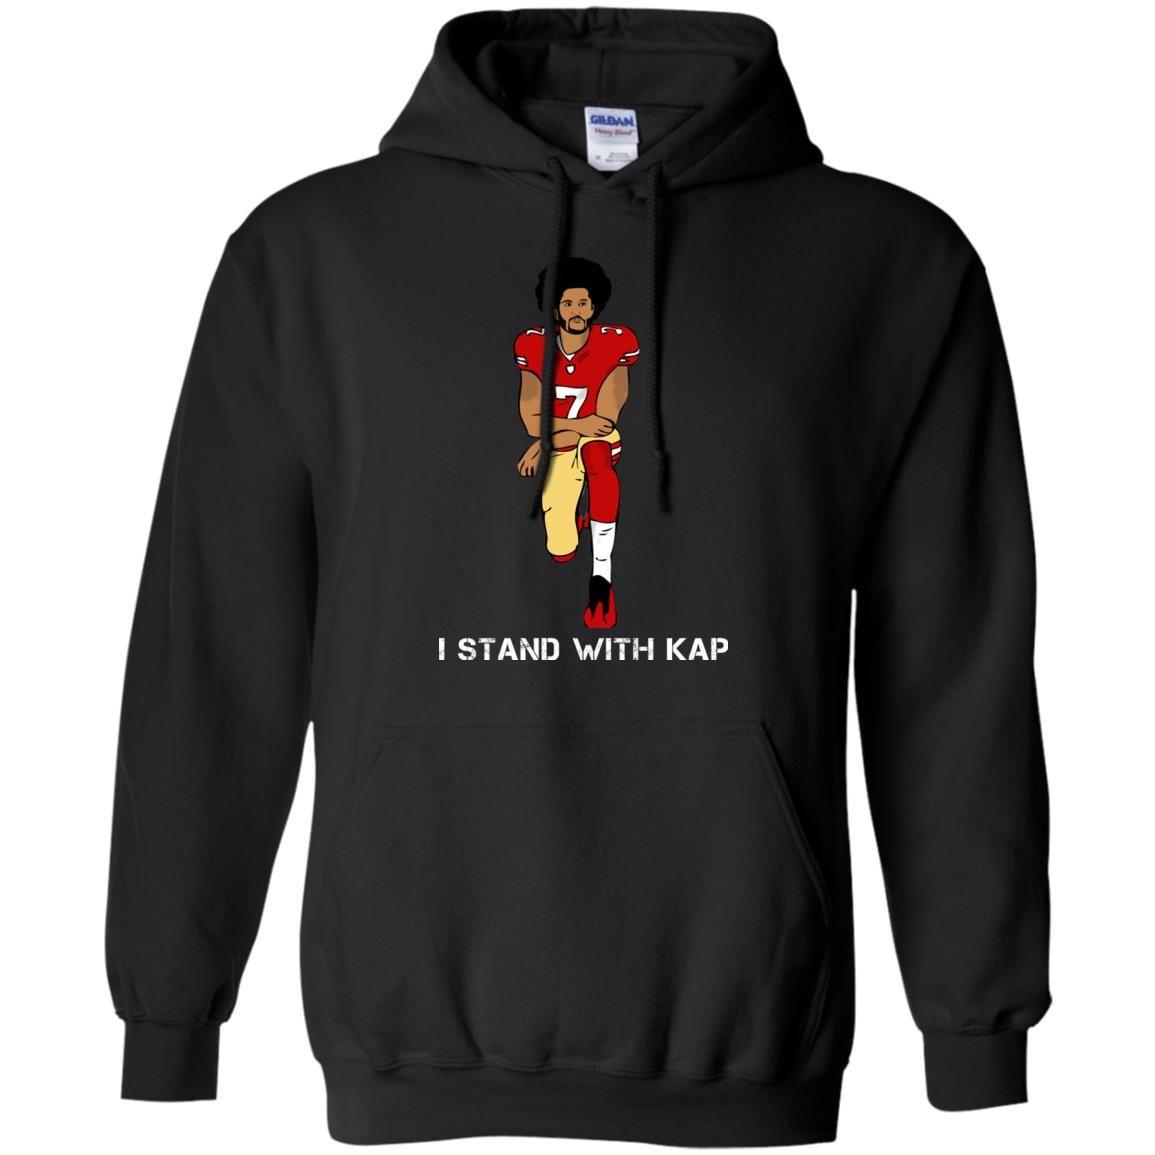 image 1938 - I stand with Kap shirt, hoodie